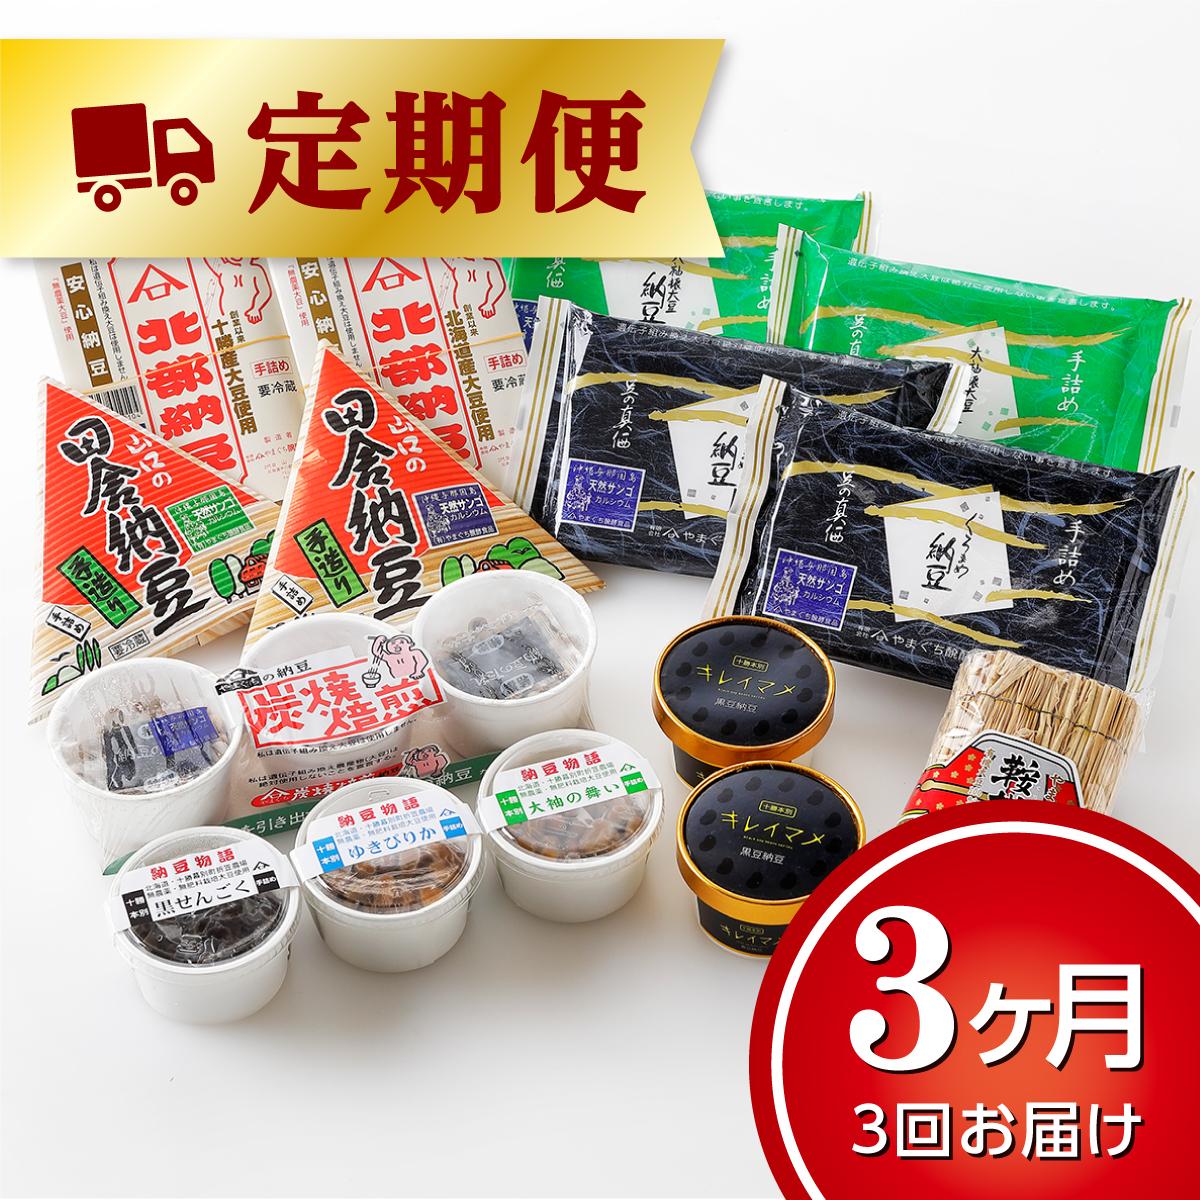 【ふるさと納税】北海道十勝やまぐち醗酵食品「手詰め納豆」10種15個入【3ヶ月便】